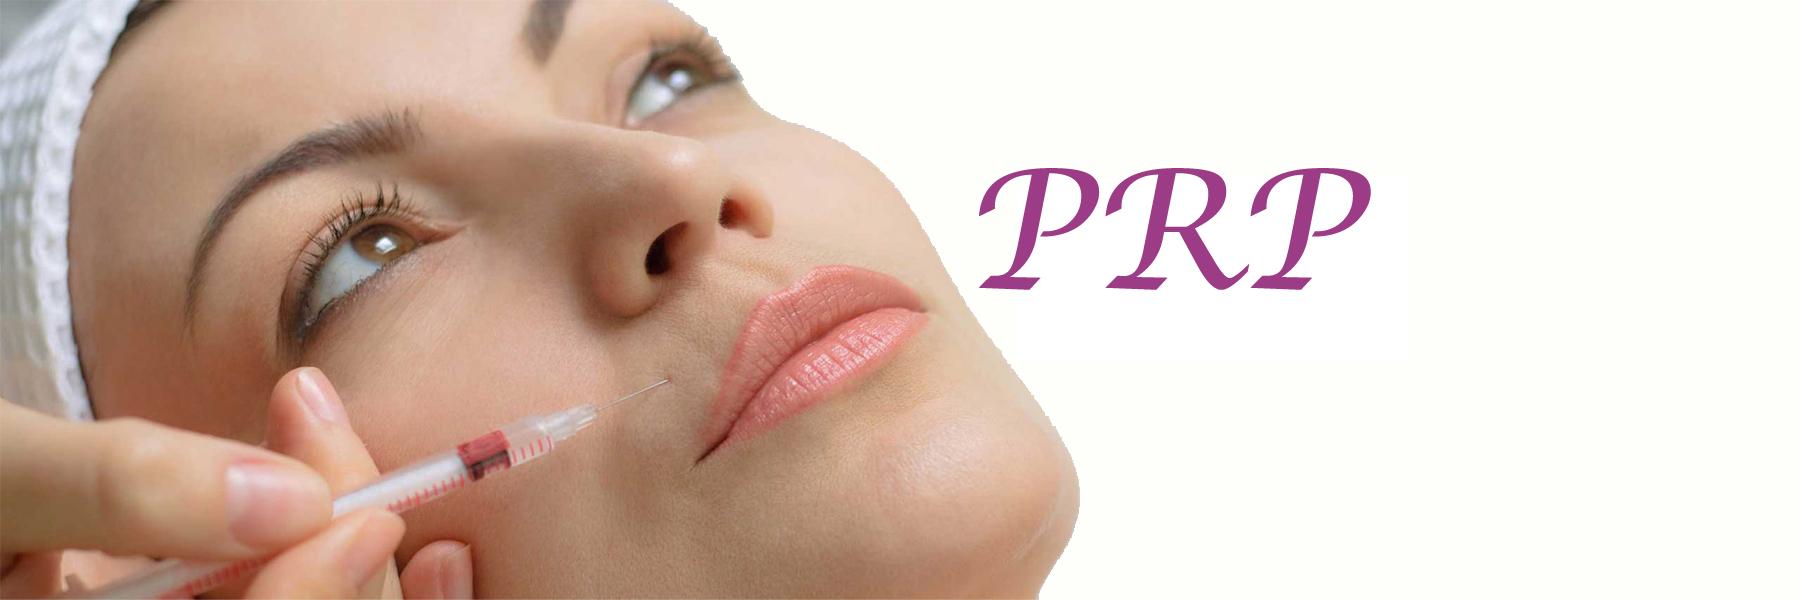 PRP-slide2